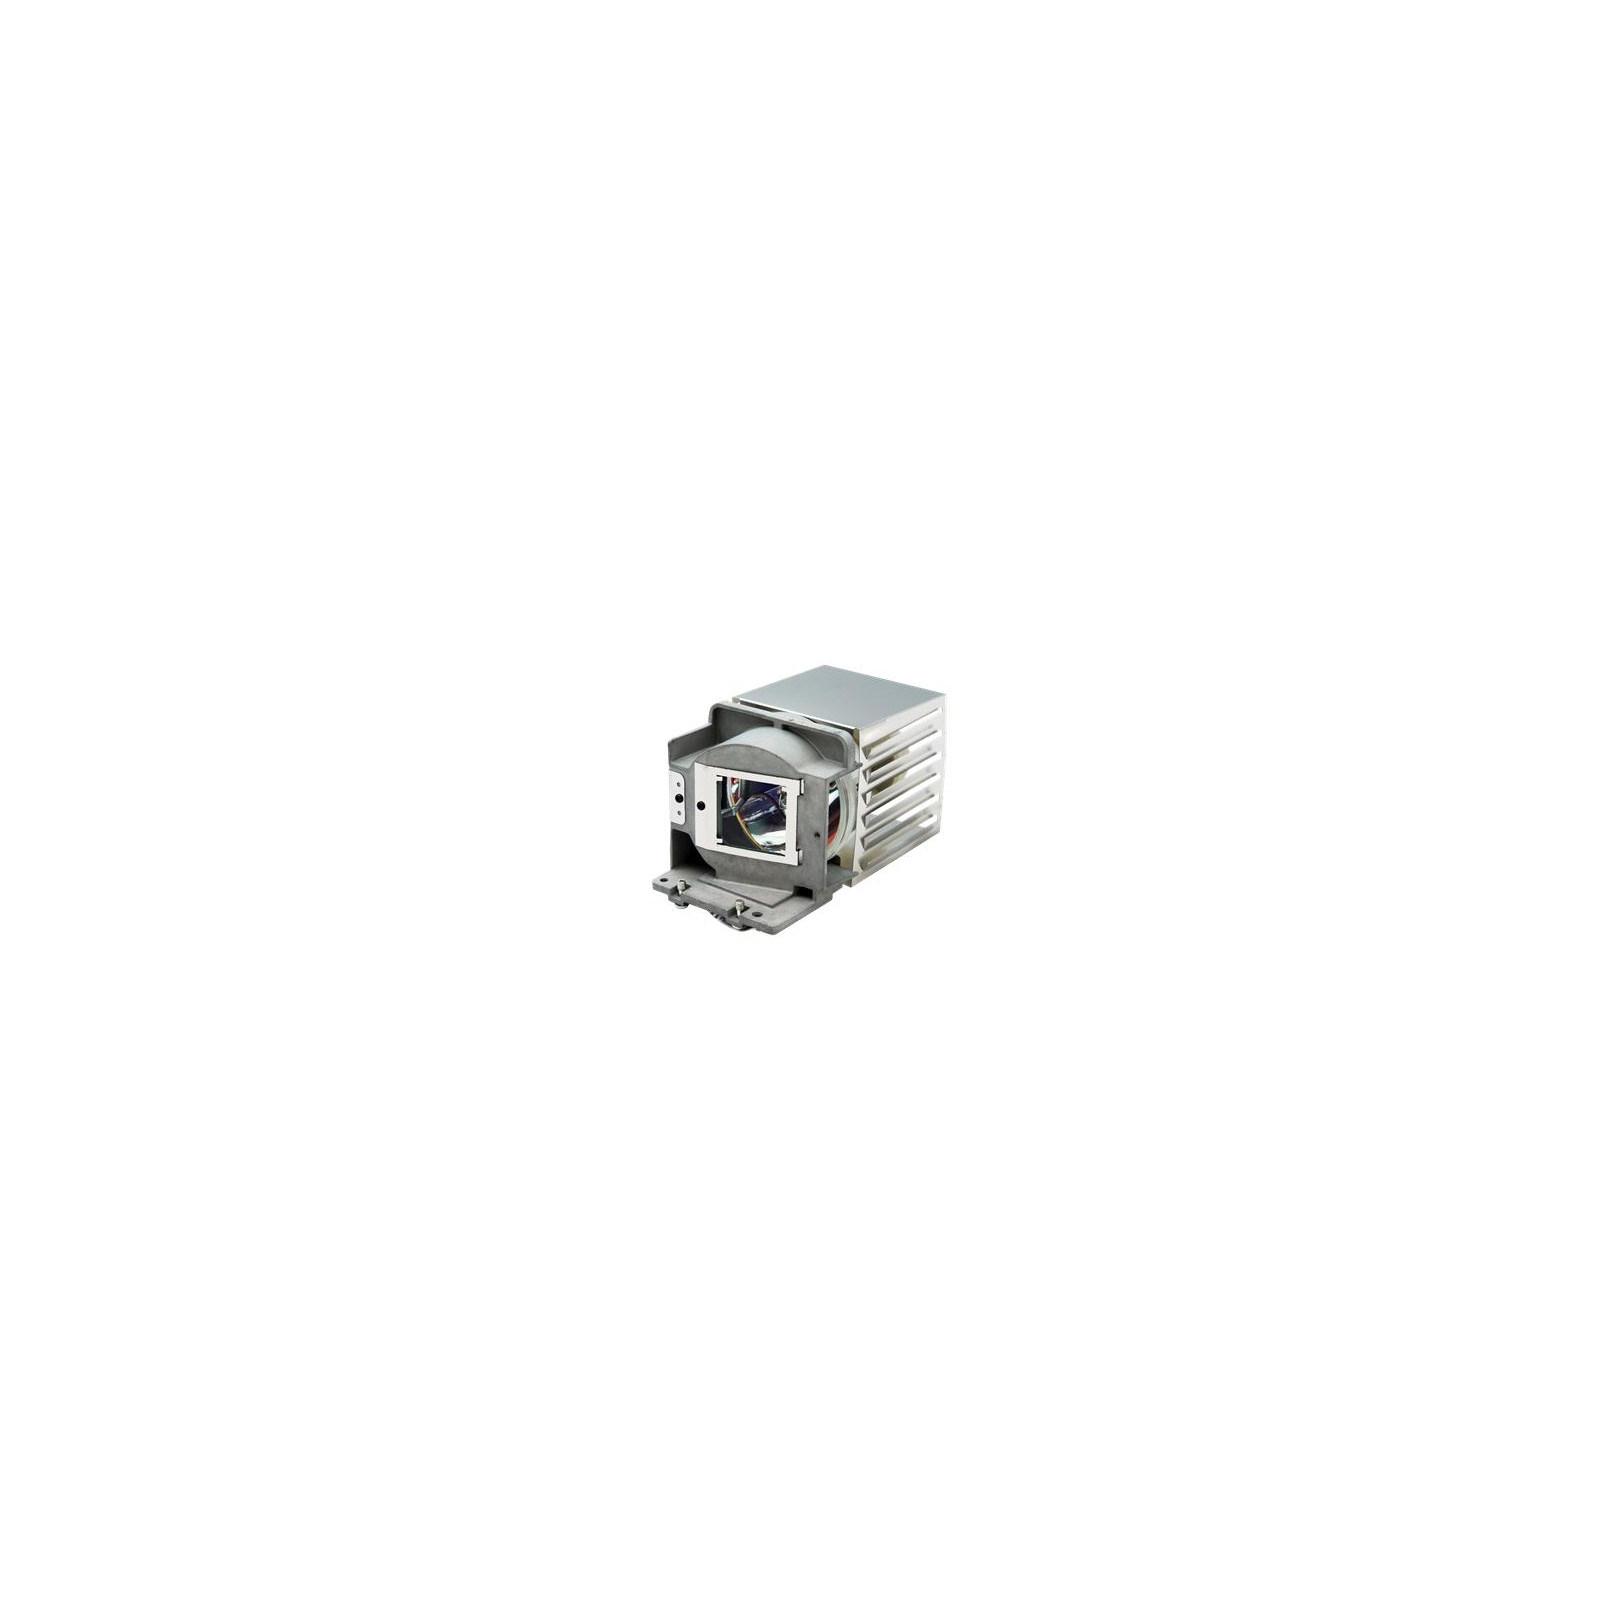 Лампа проектора Optoma EX551/EX550/ES550/ES551/DX329/DX327 (FX.PA884-2401)